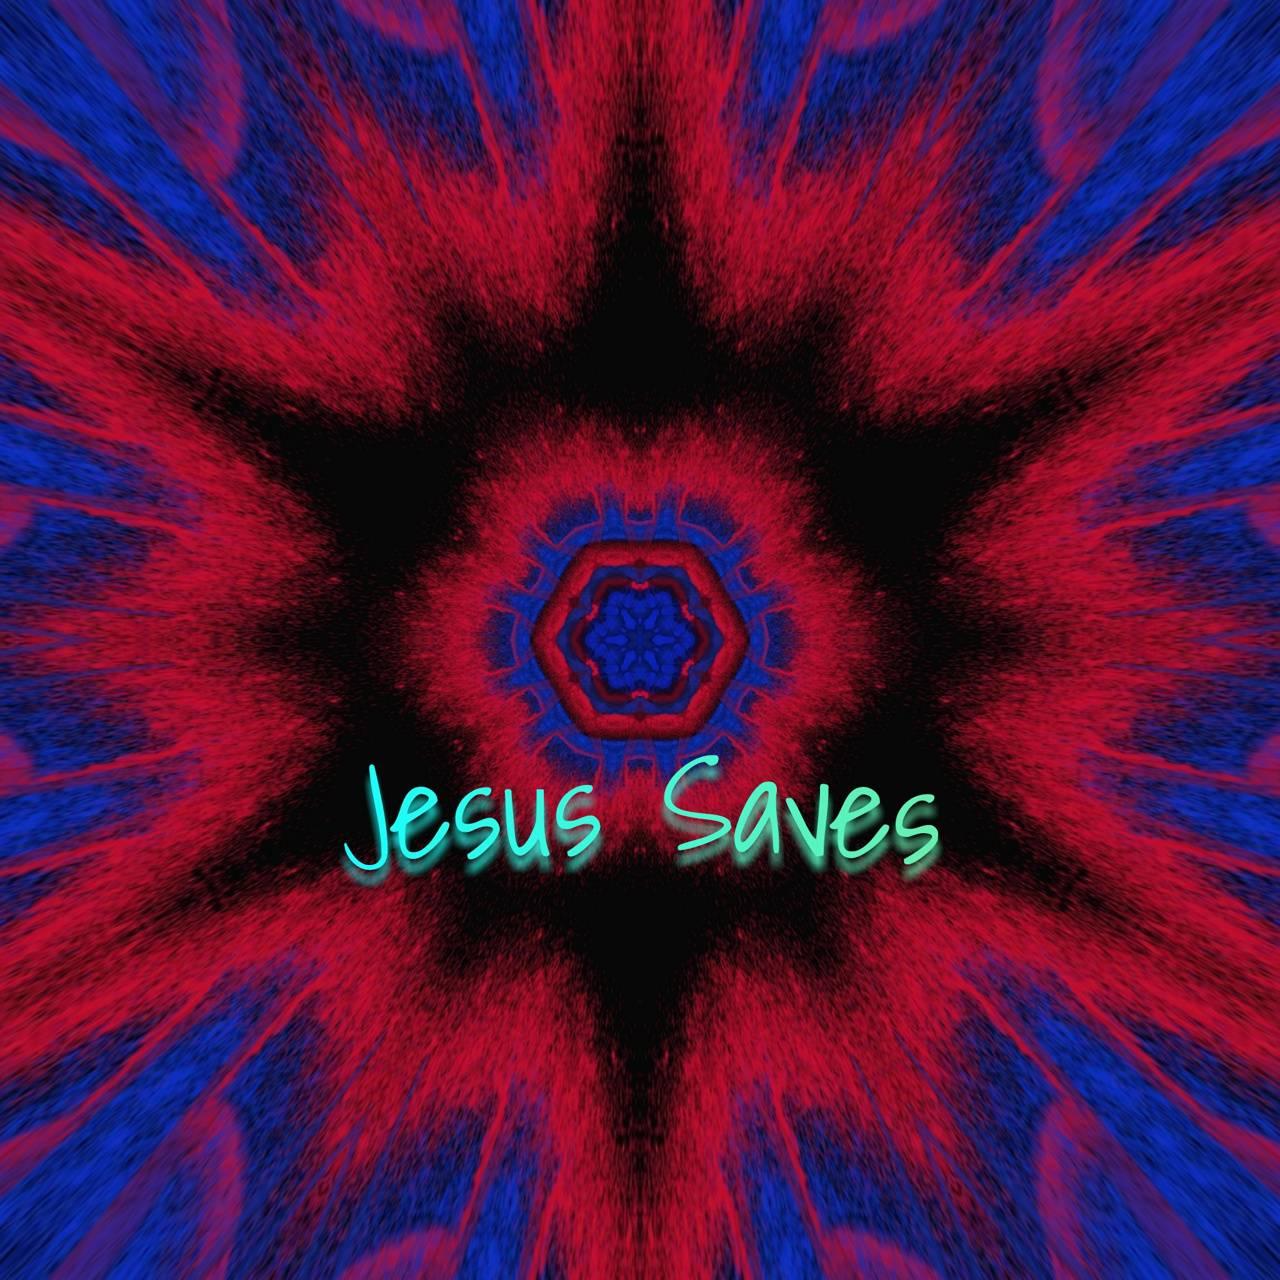 Jesus saves4